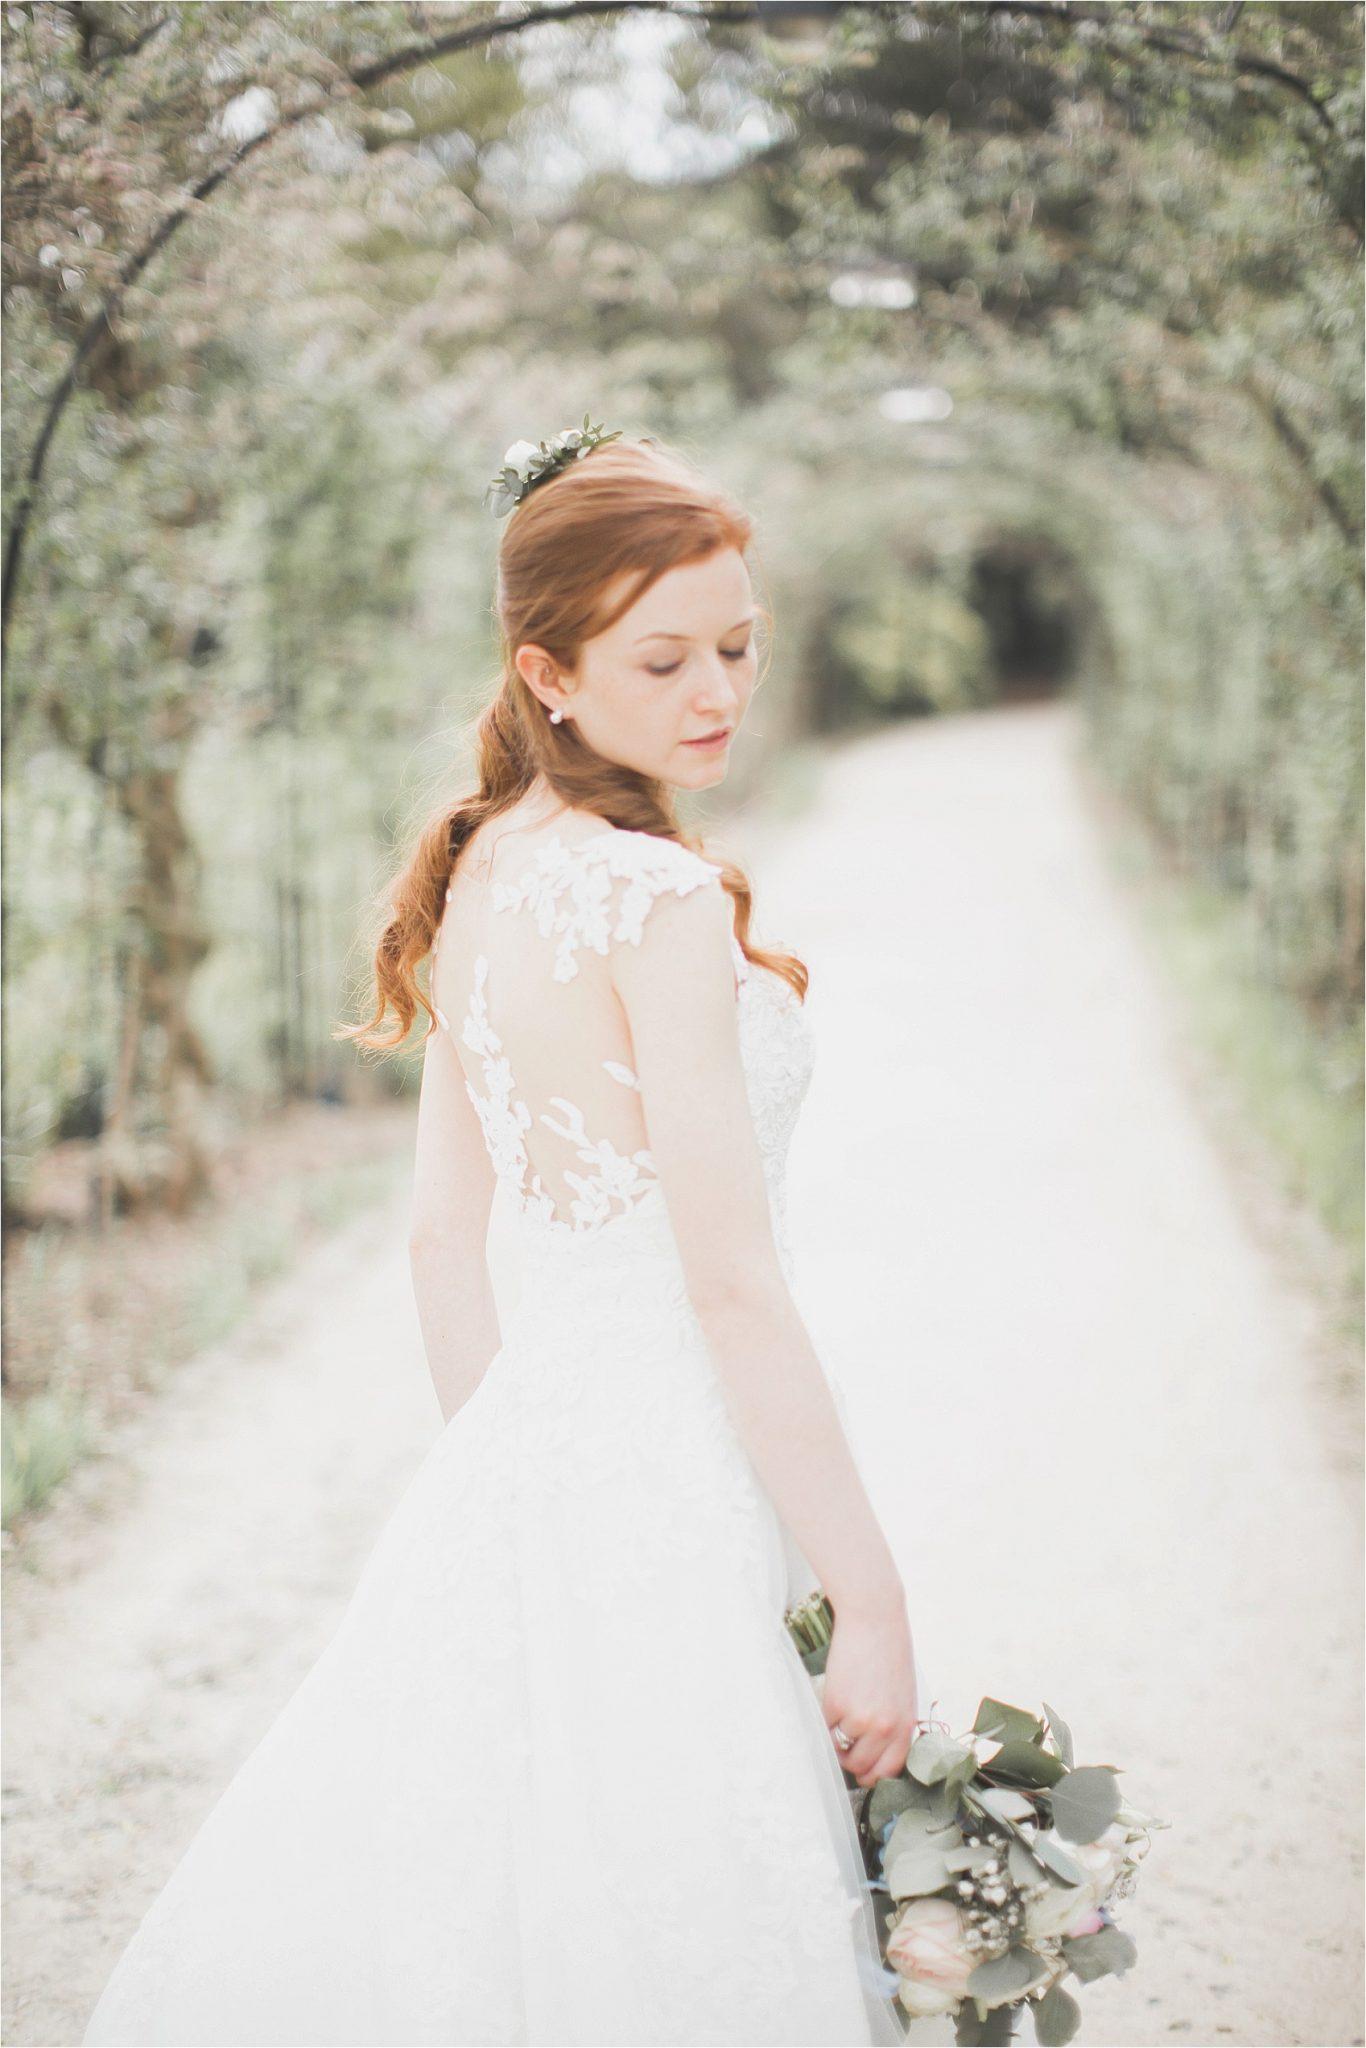 photo of bride looking over her shoulder